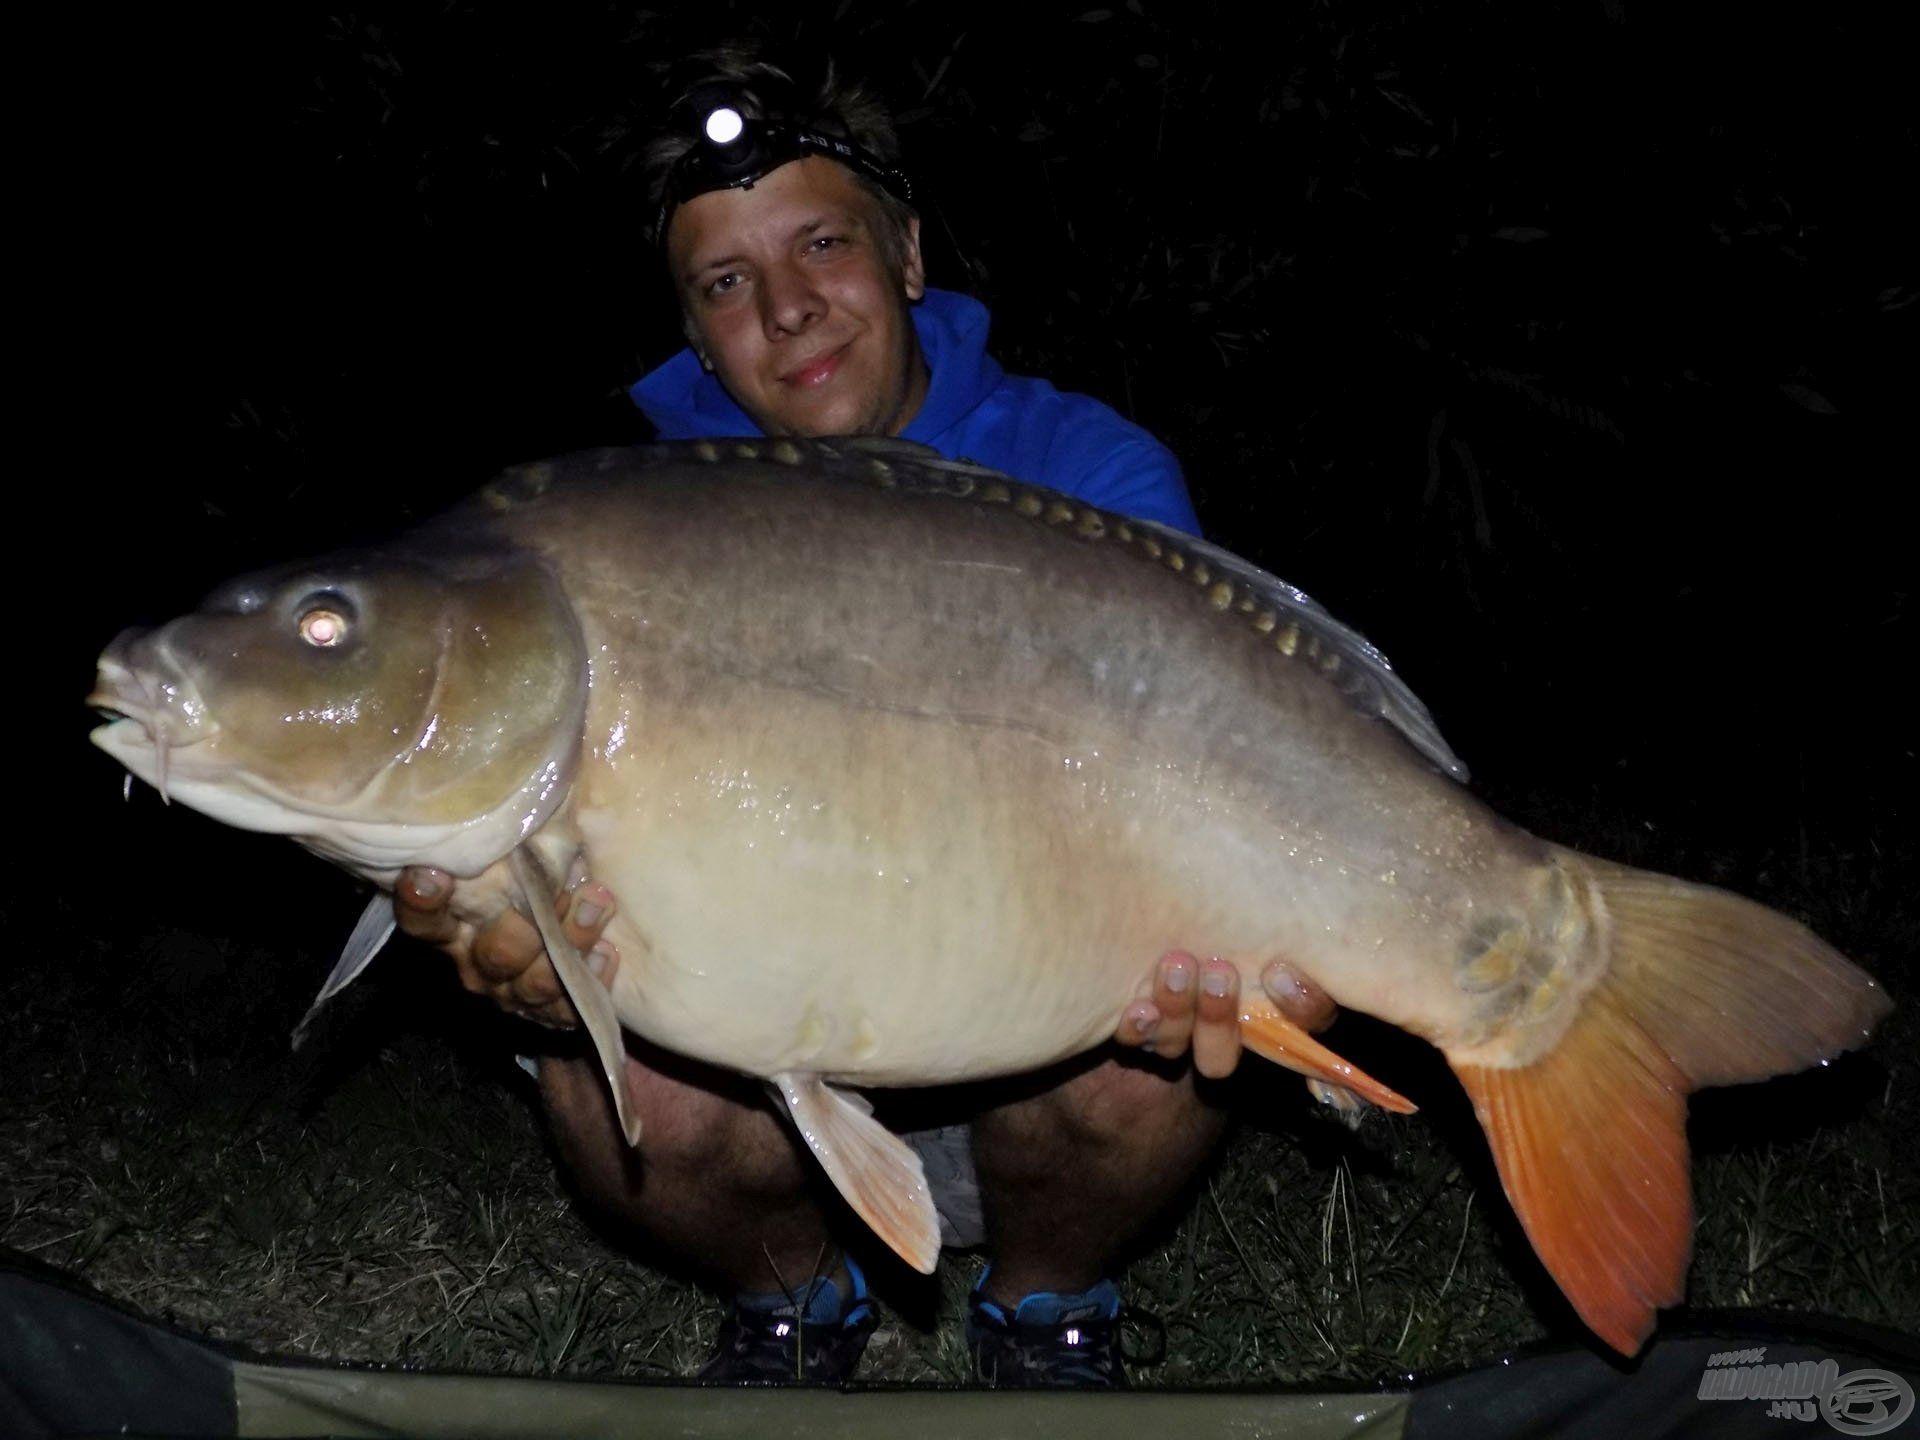 Az éjszakai órákban végre 10 kg feletti halakkal sikerült már pózolnom. Erejük lenyűgöző volt, legyen szó tükörpontyról…